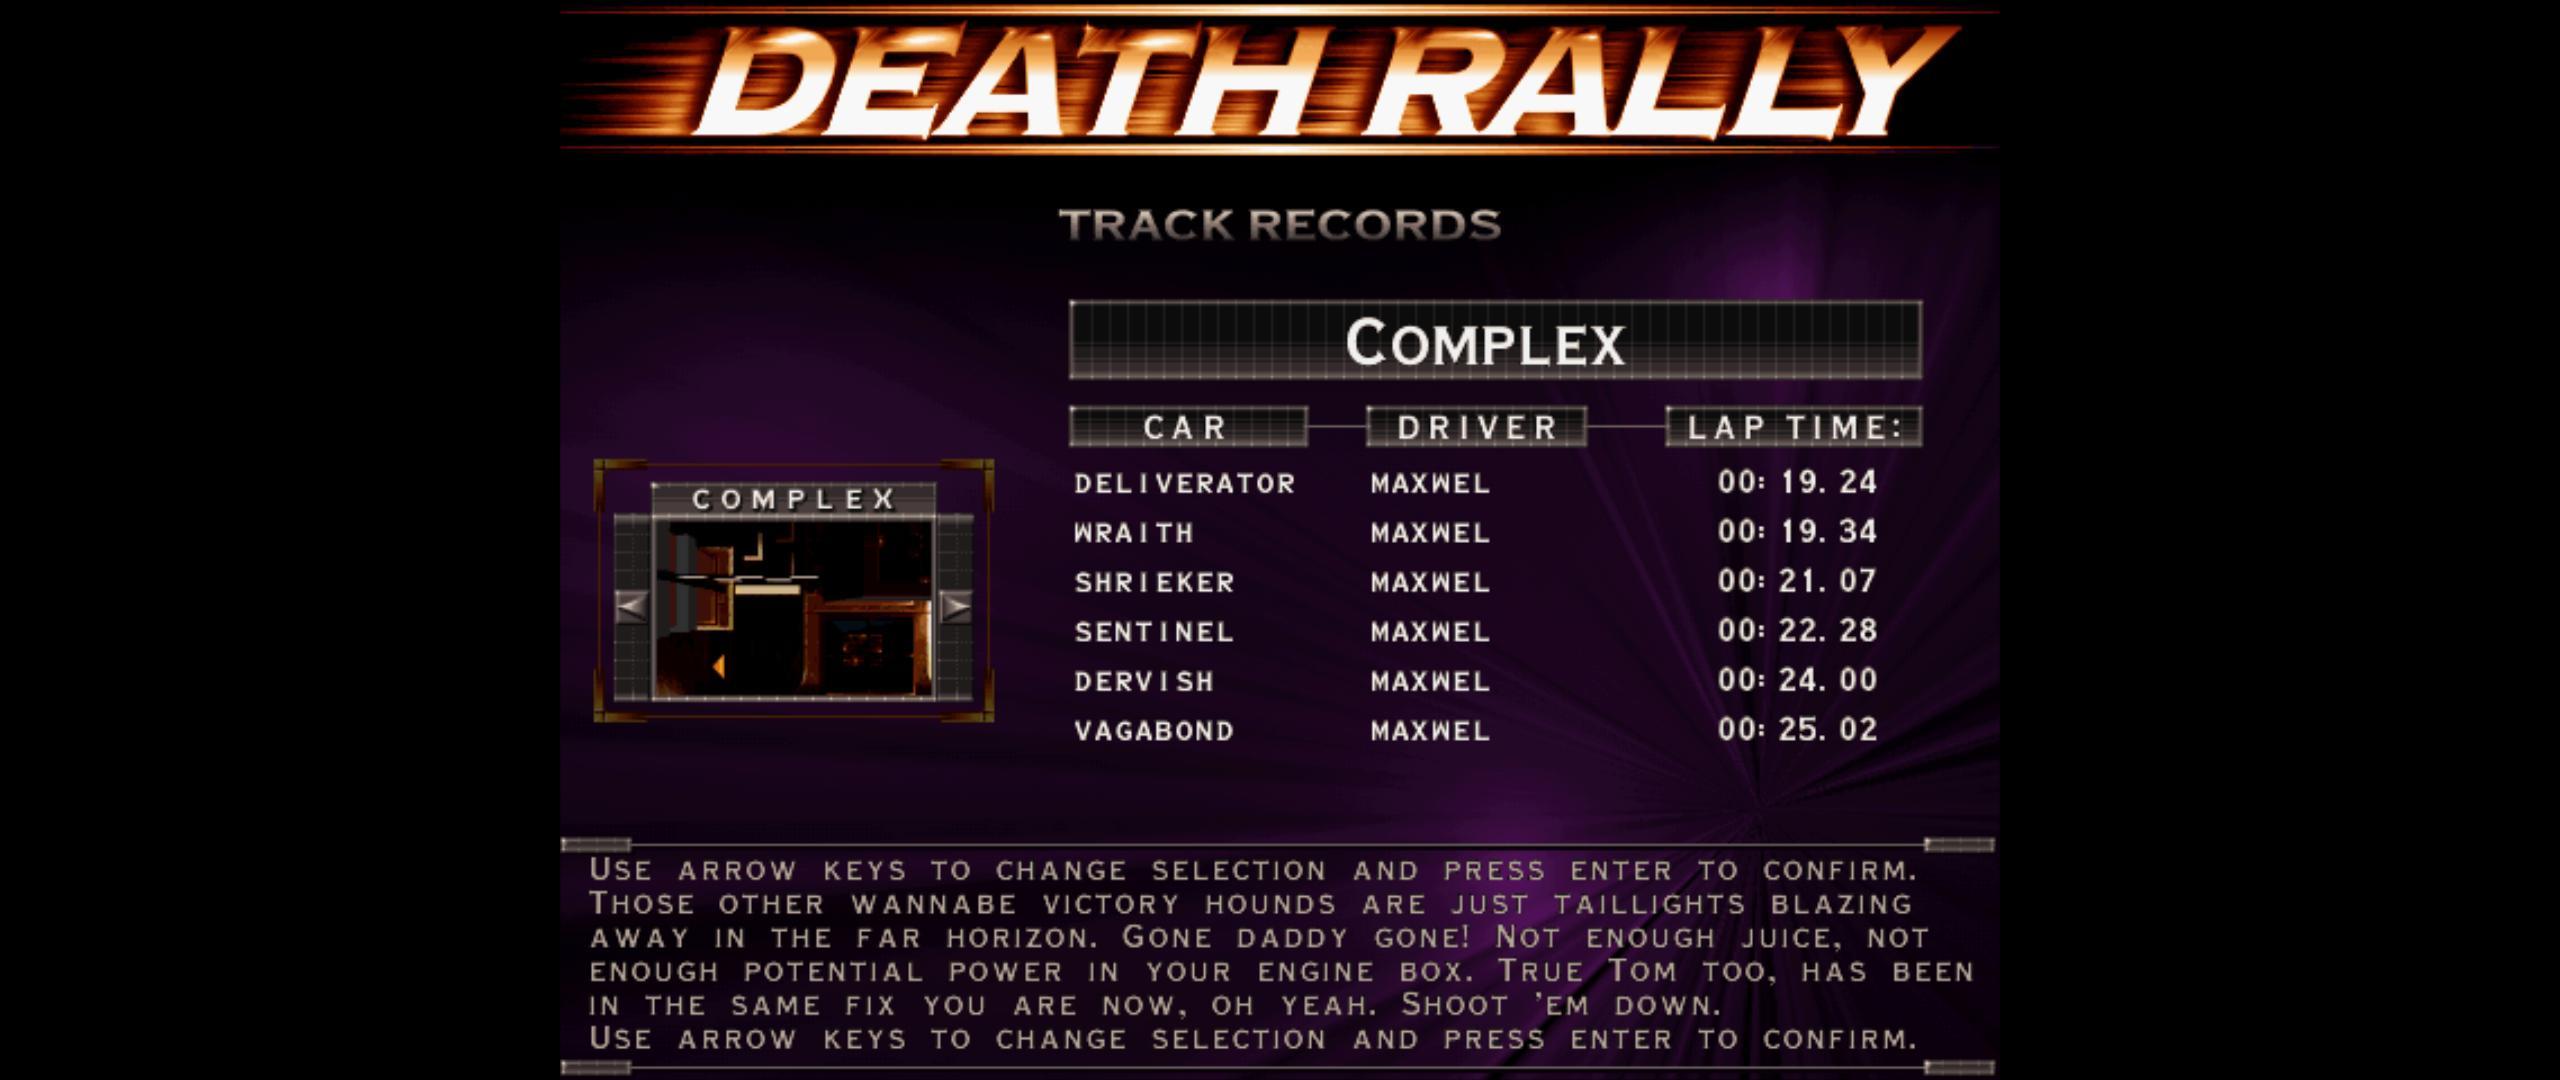 Maxwel: Death Rally [Complex, Wraith Car] (PC) 0:00:19.34 points on 2016-03-04 07:44:22